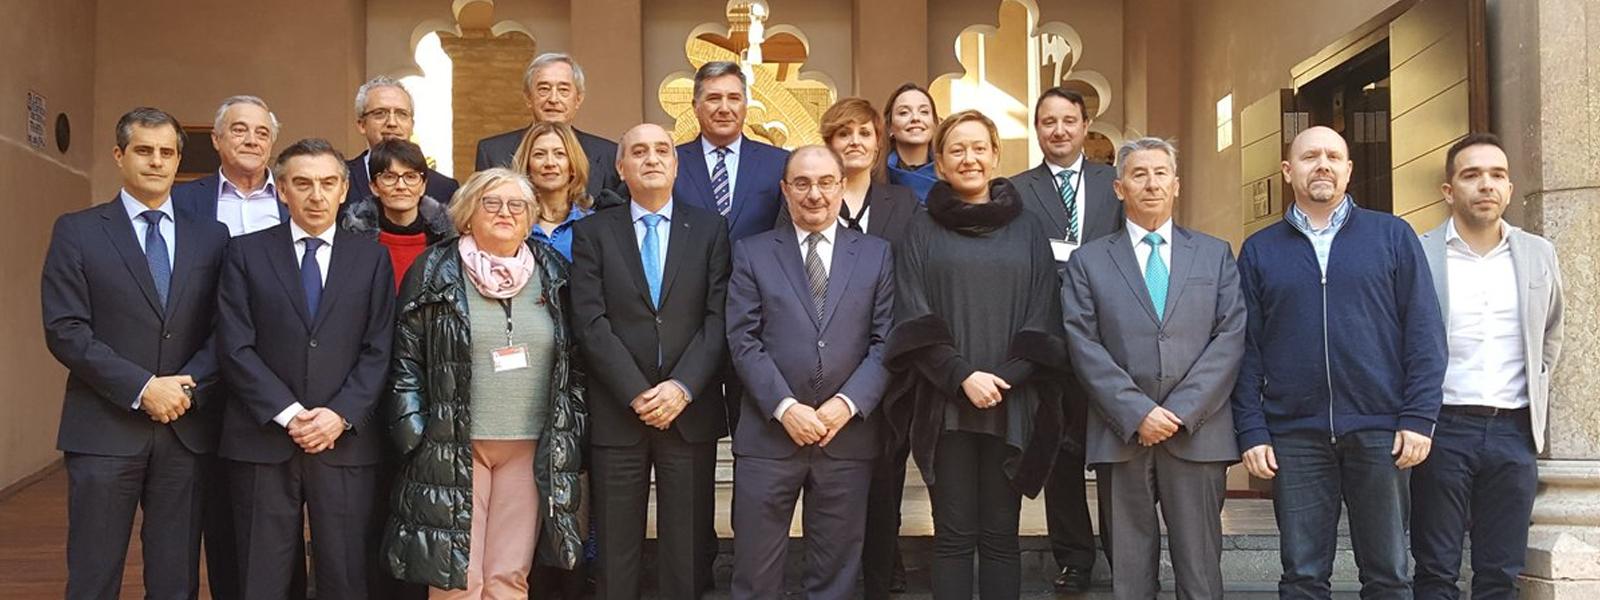 Aprobación de la Ley de Diálogo Social y Participación Institucional en las Cortes de Aragón